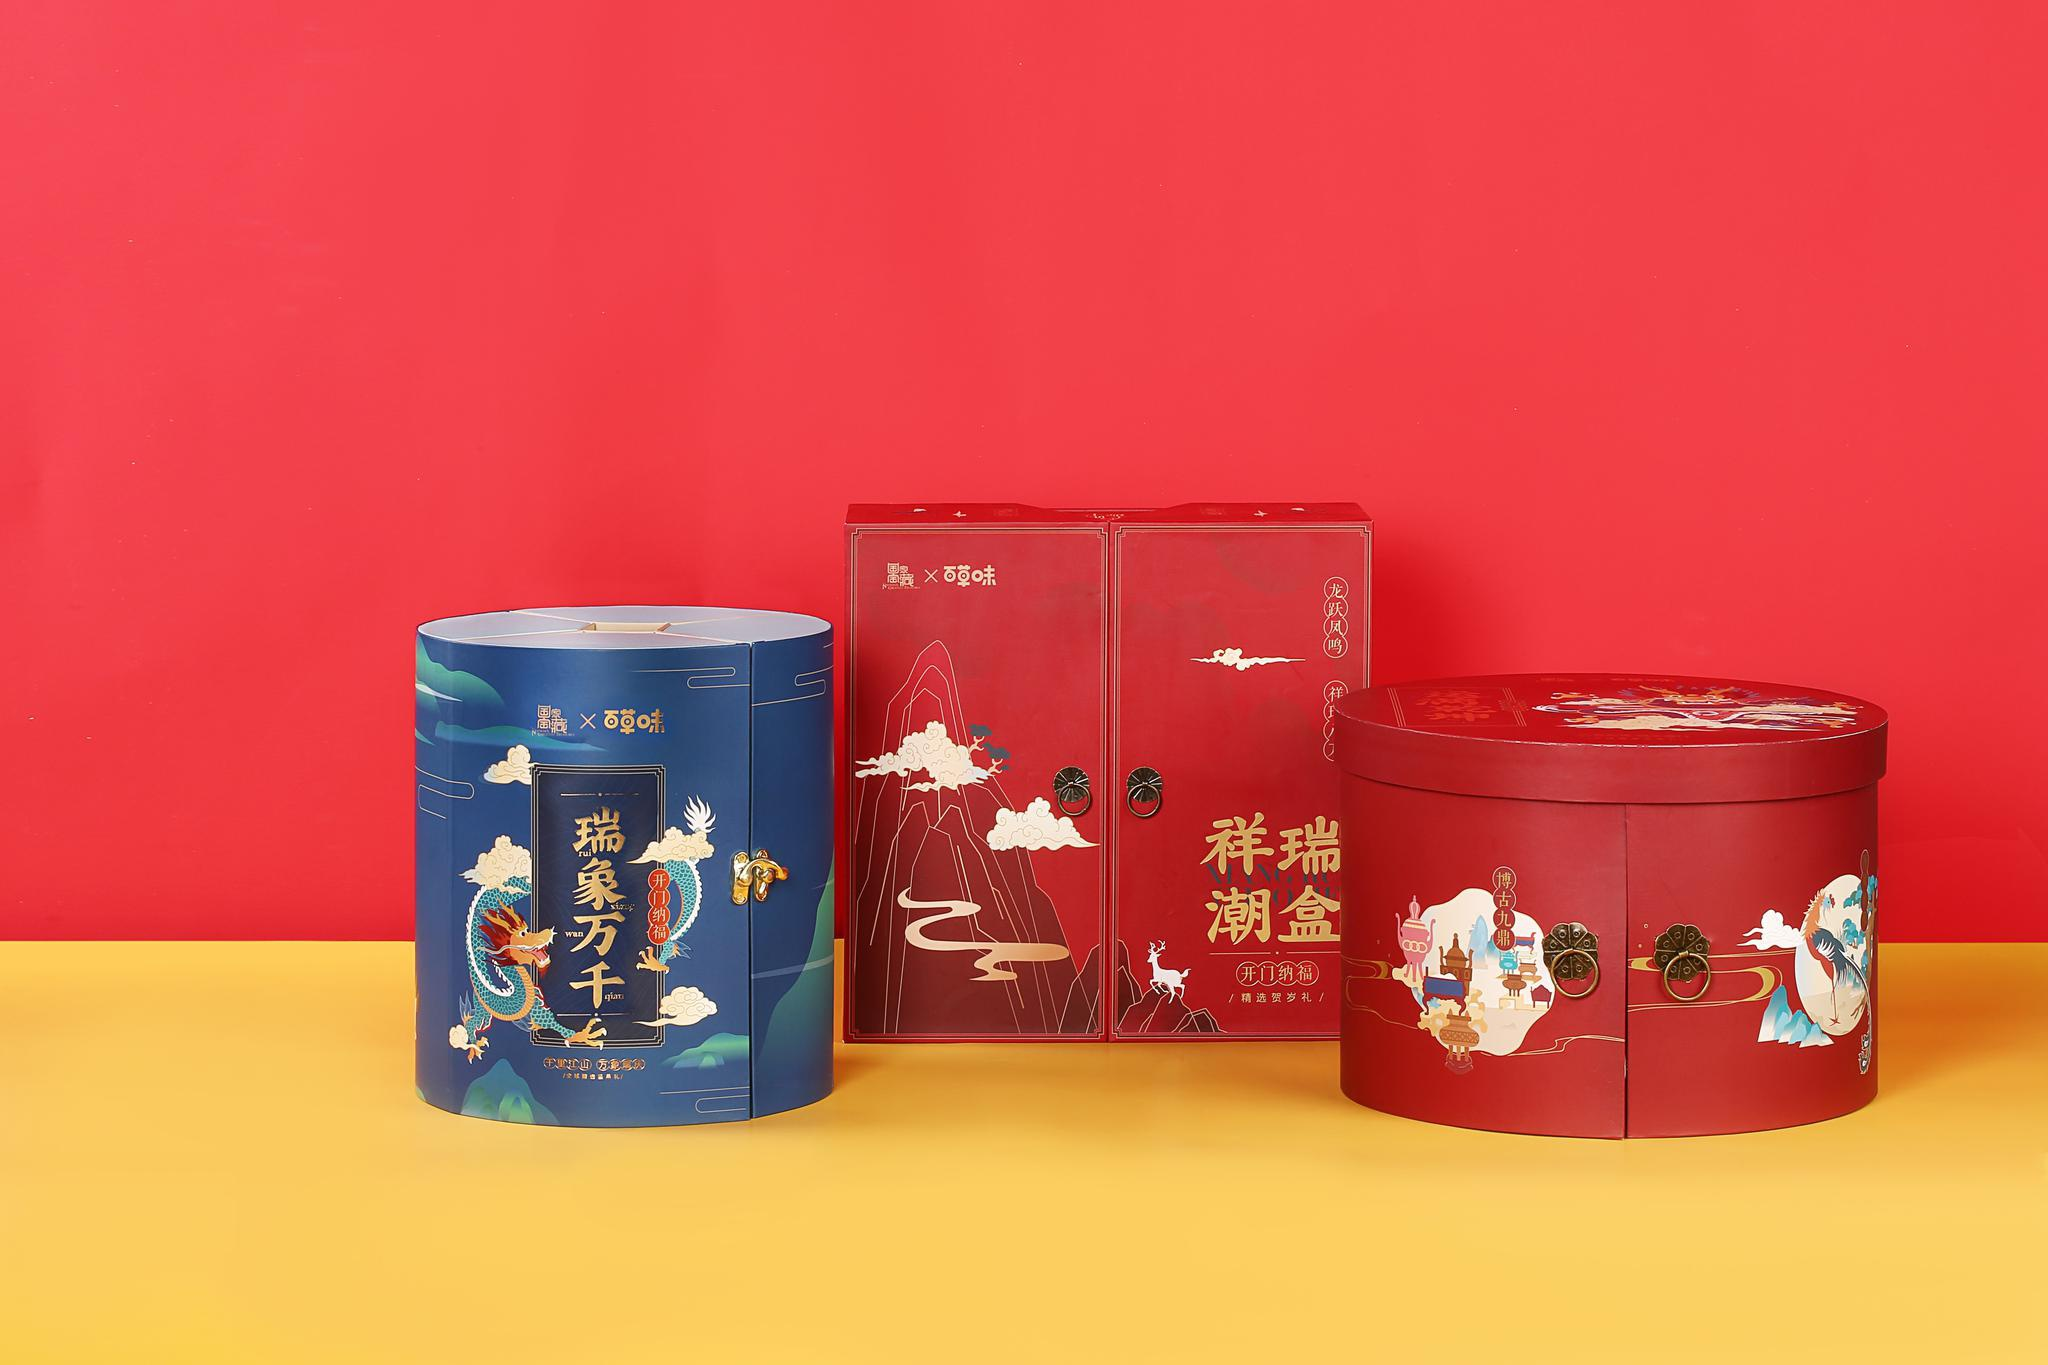 http://jszhy.cn/jiankang/180812.html